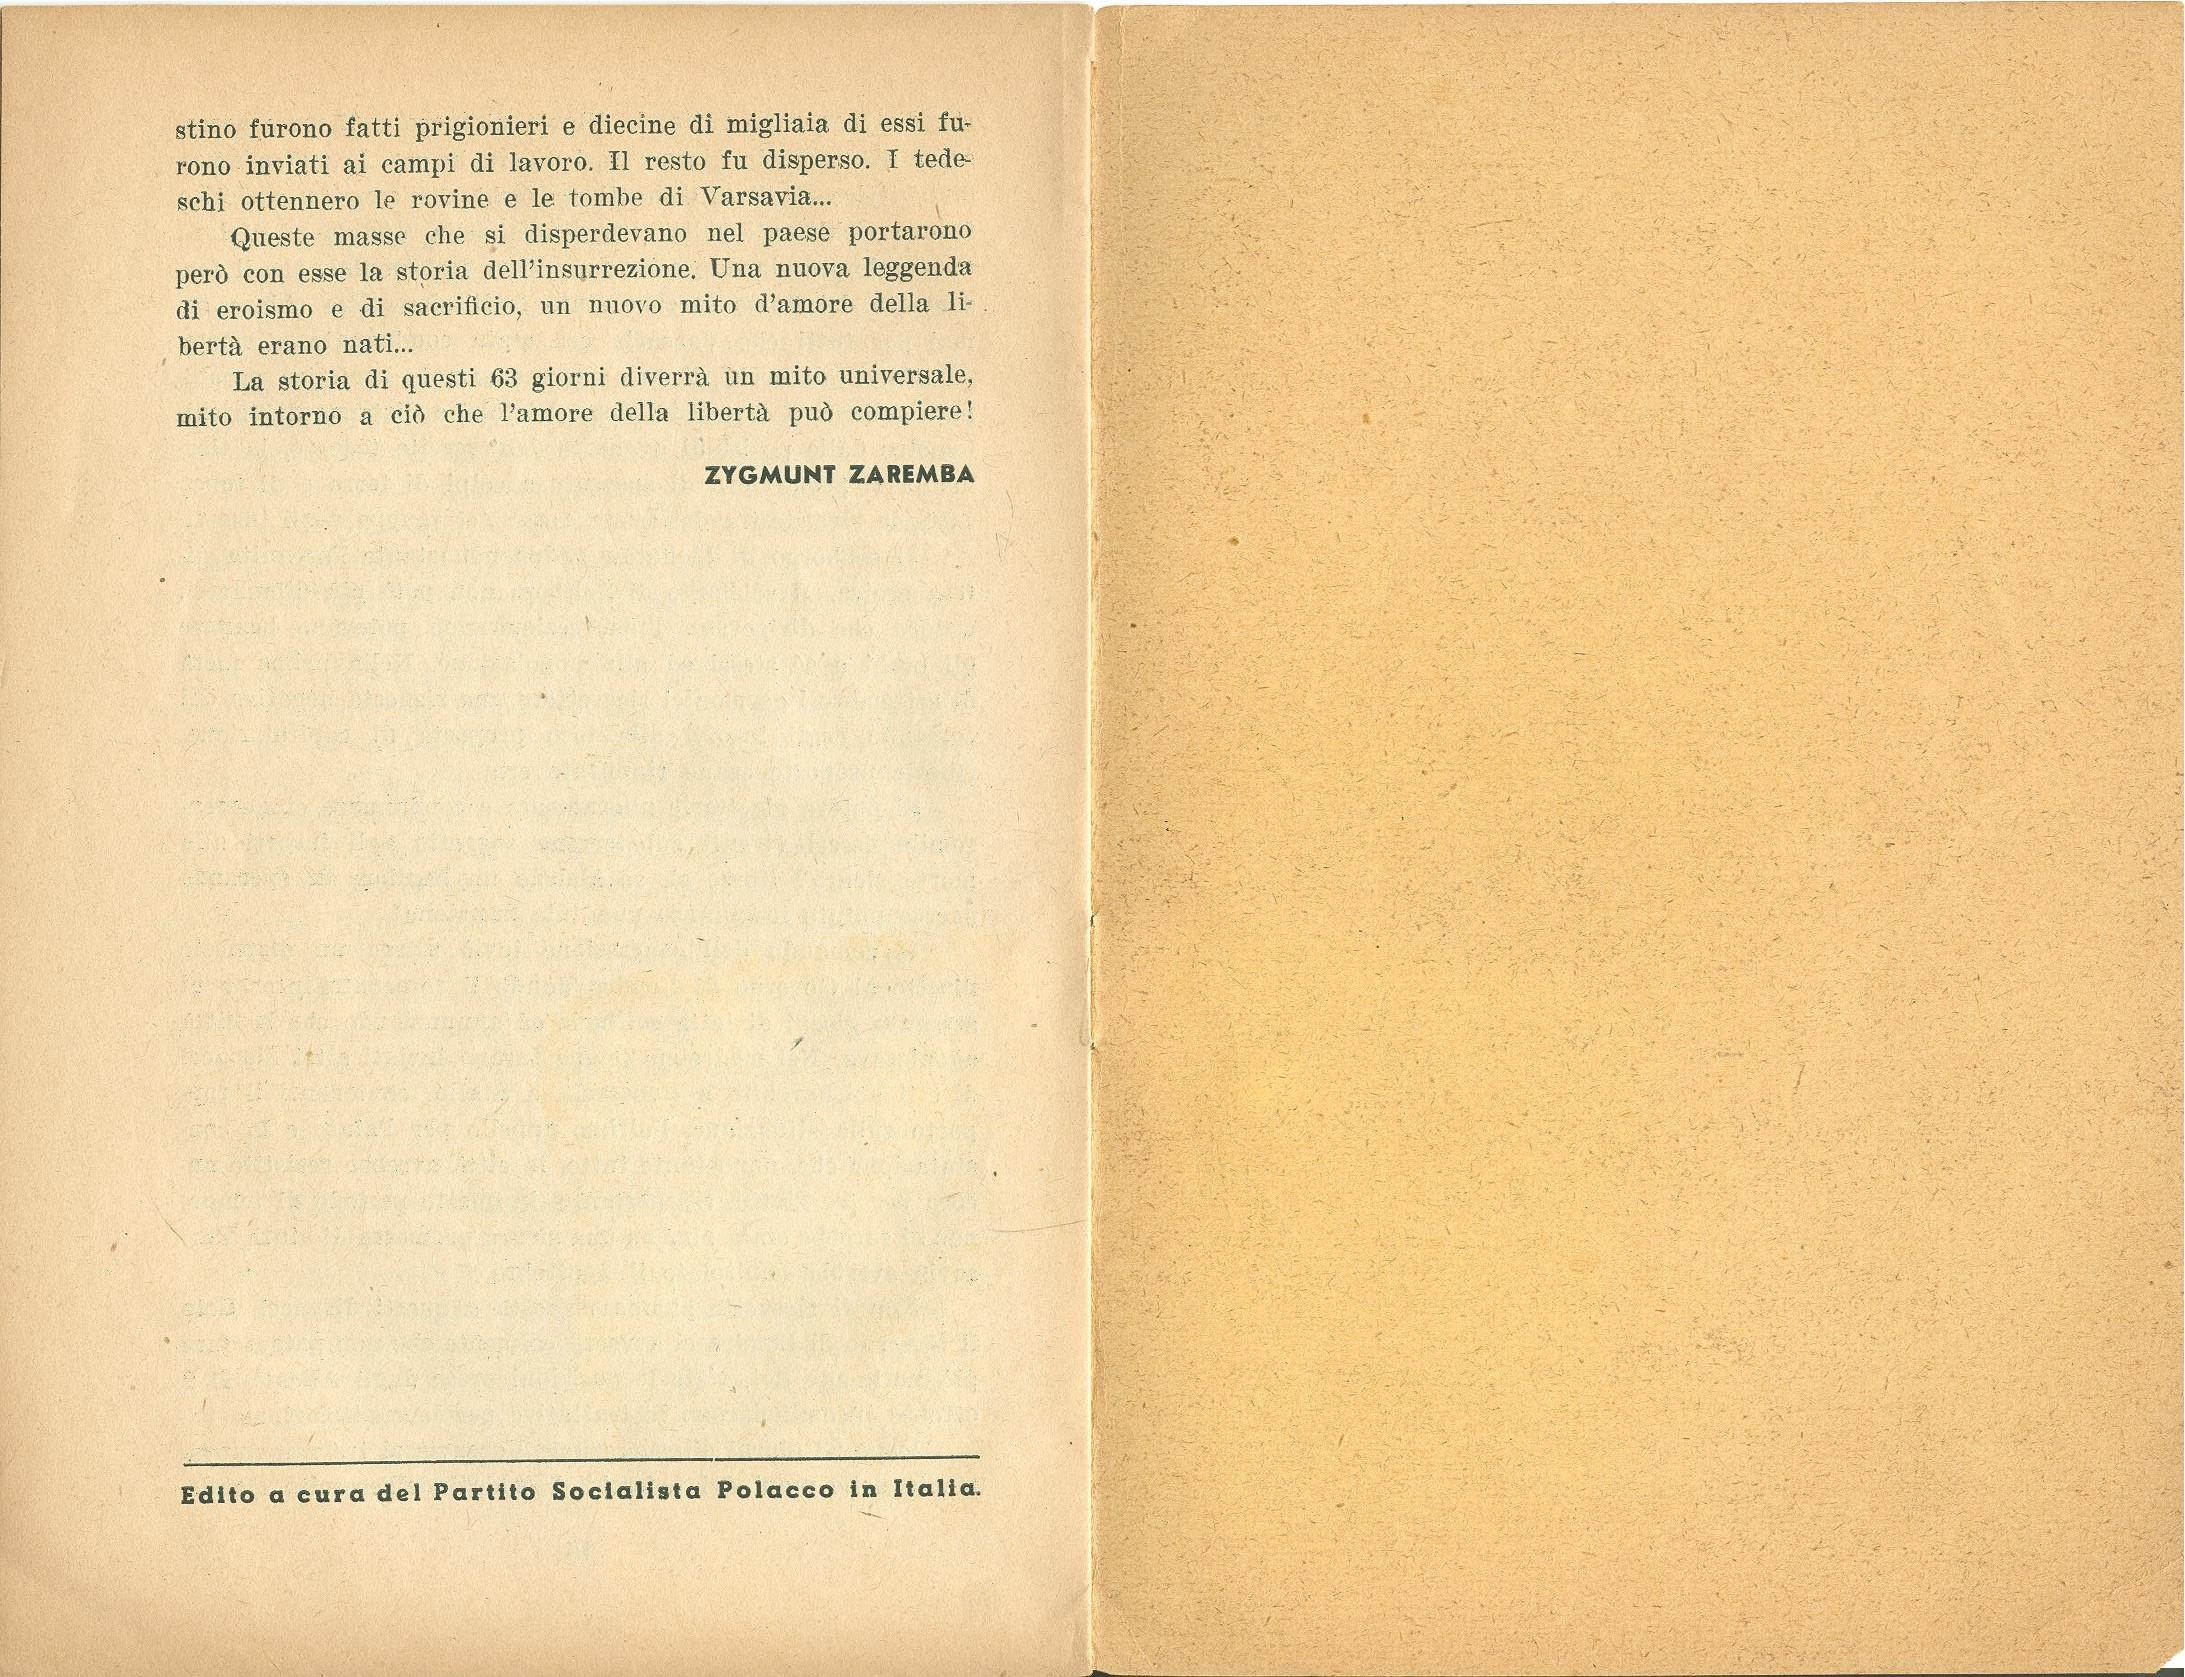 Zygmunt Zaremba, La verità sull'insurrezione di Varsavia nel 1944 (1946) - pag. 10